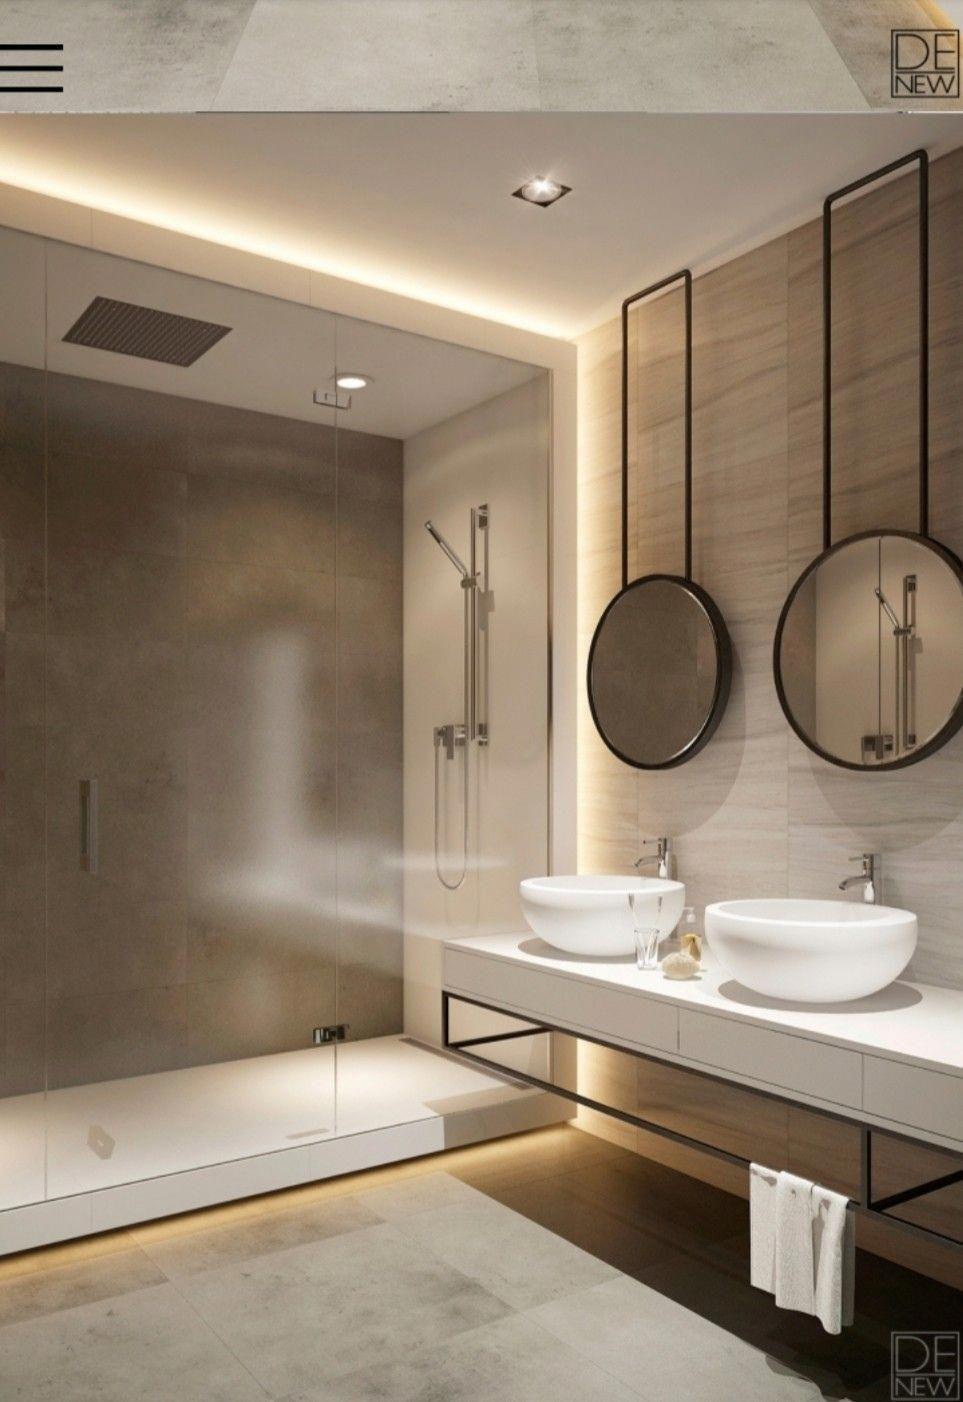 Bagni Di Lusso Moderni l'arte del lusso moderno bagno  #bagnodilusso